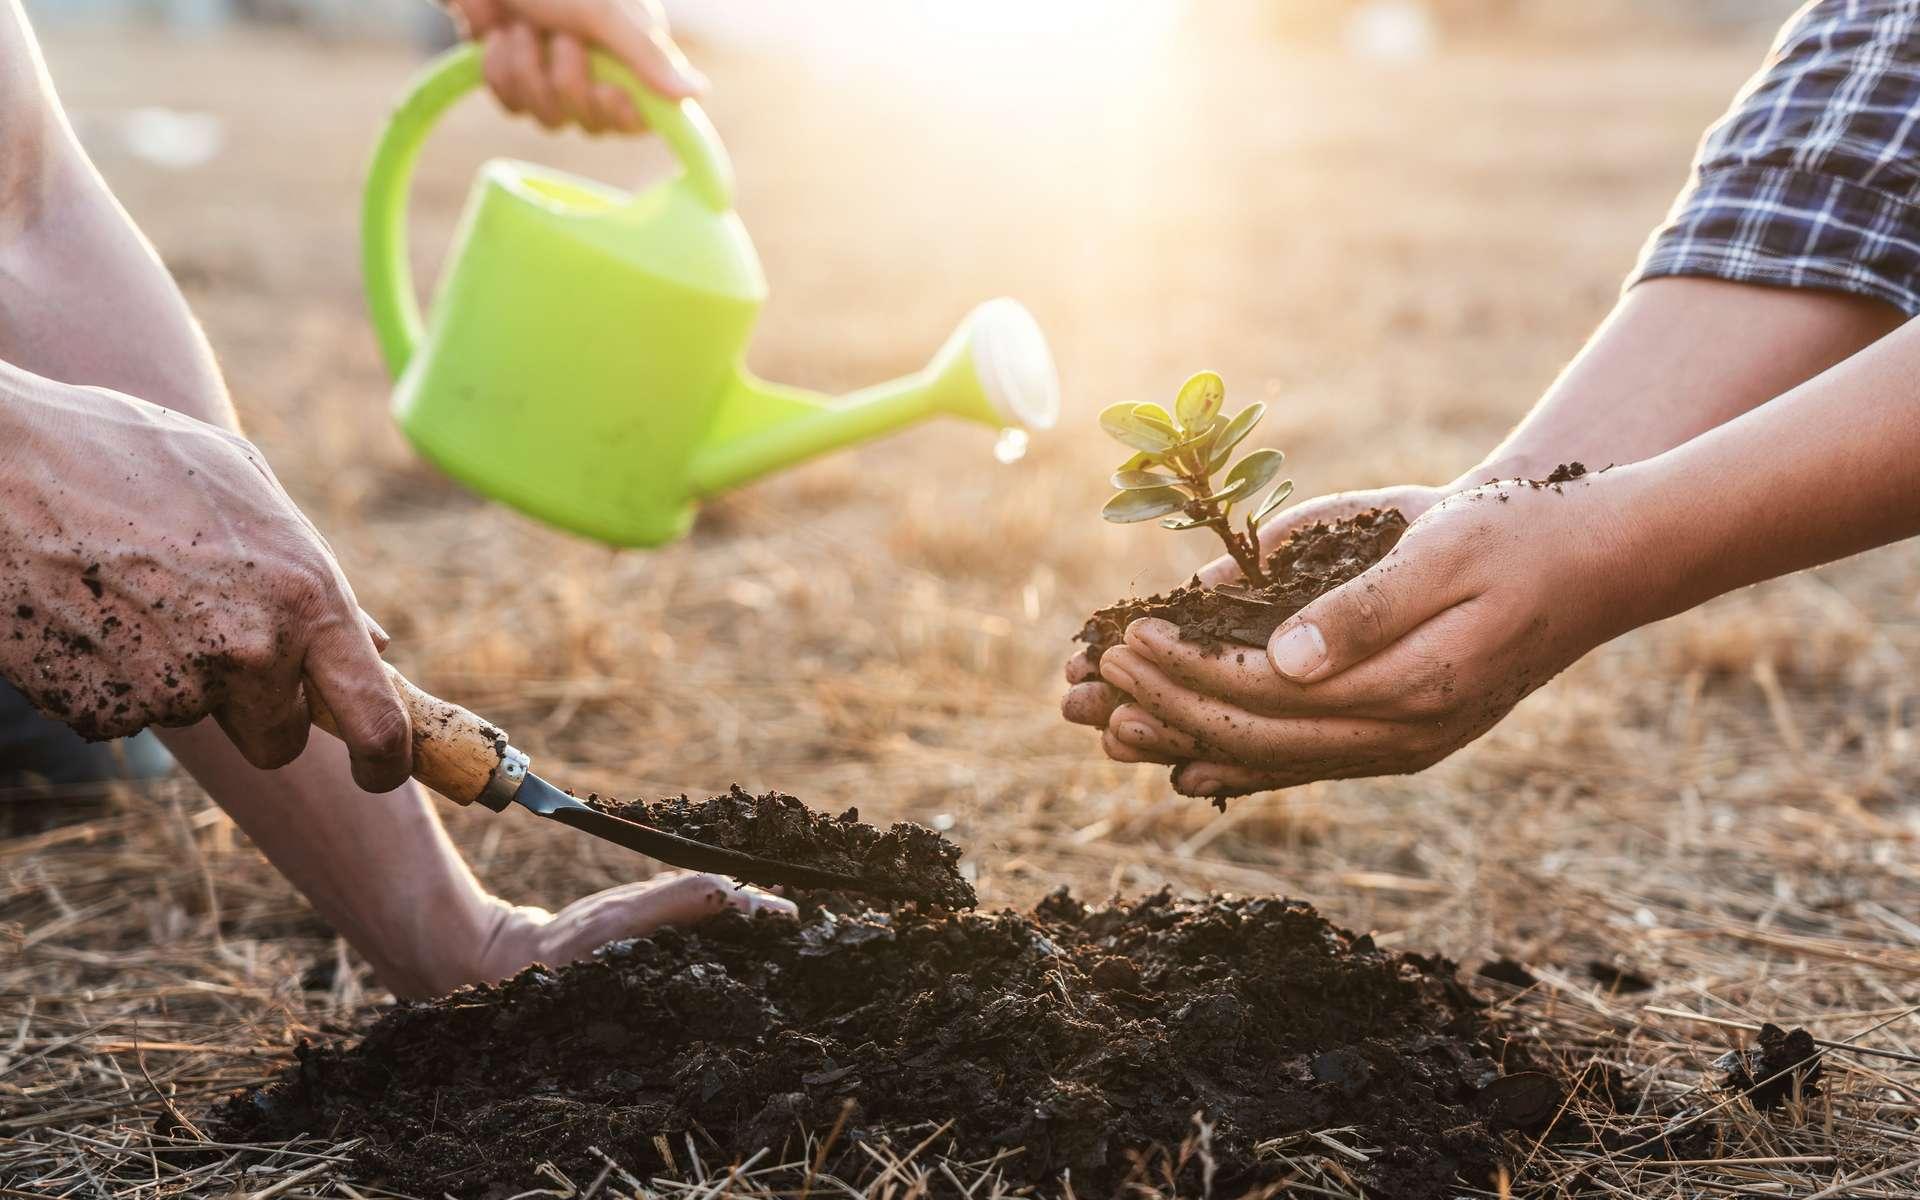 Le 5 juin, c'est la Journée mondiale de l'environnement ! © Thitiphat, Adobe Stock